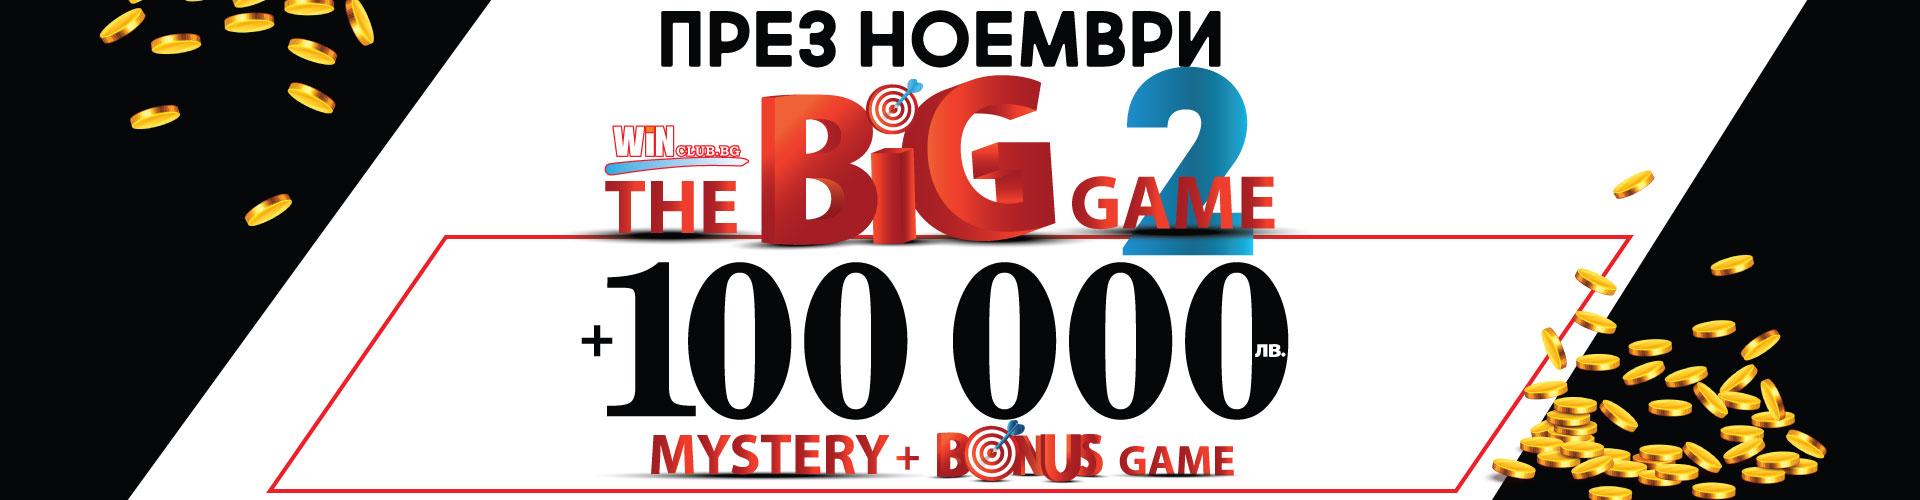 BIG-G-2